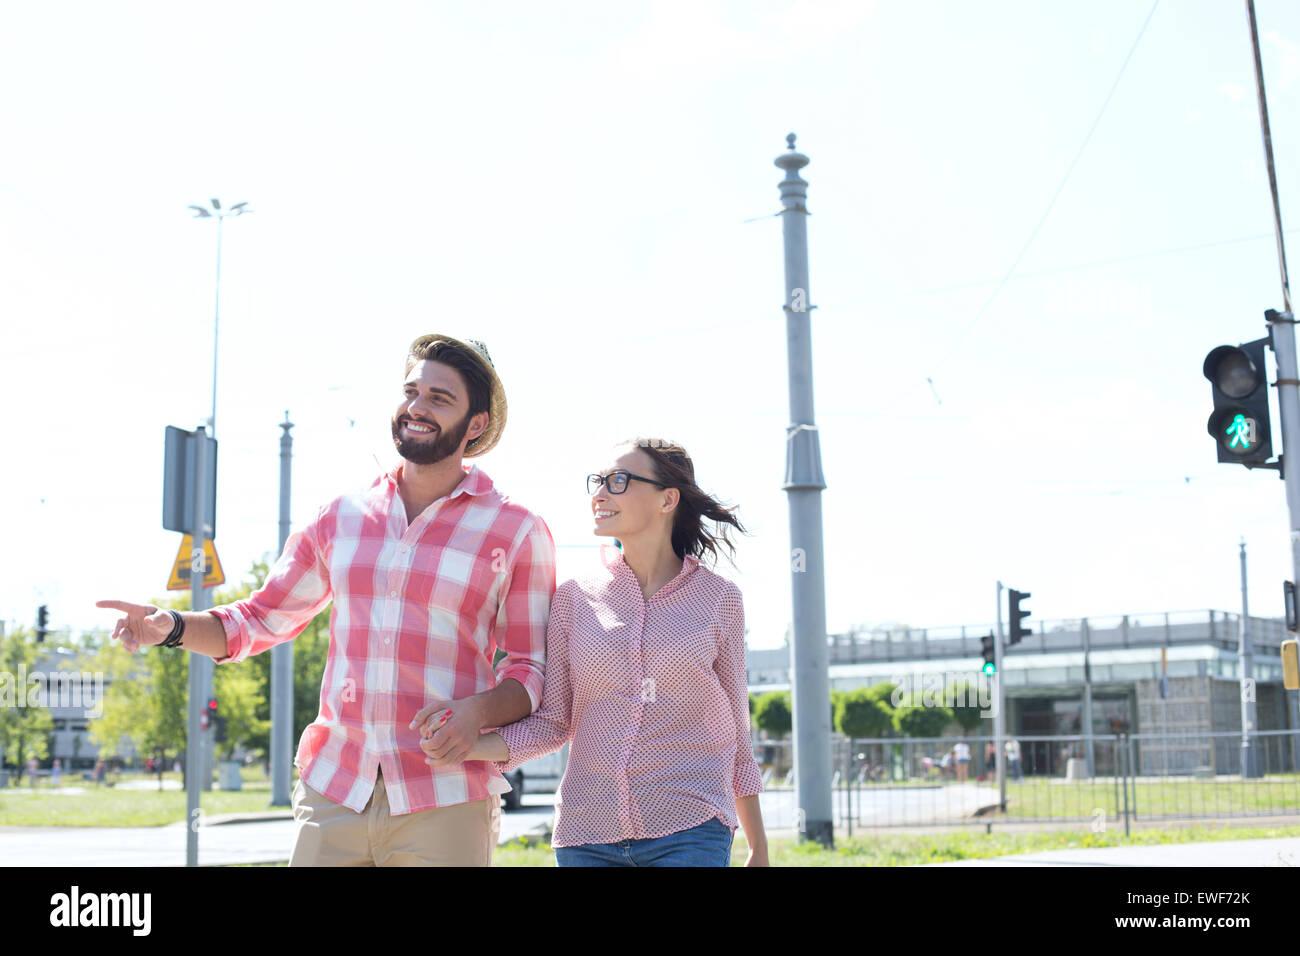 Glückliches Paar zu Fuß in die Stadt gegen den klaren Himmel Stockbild